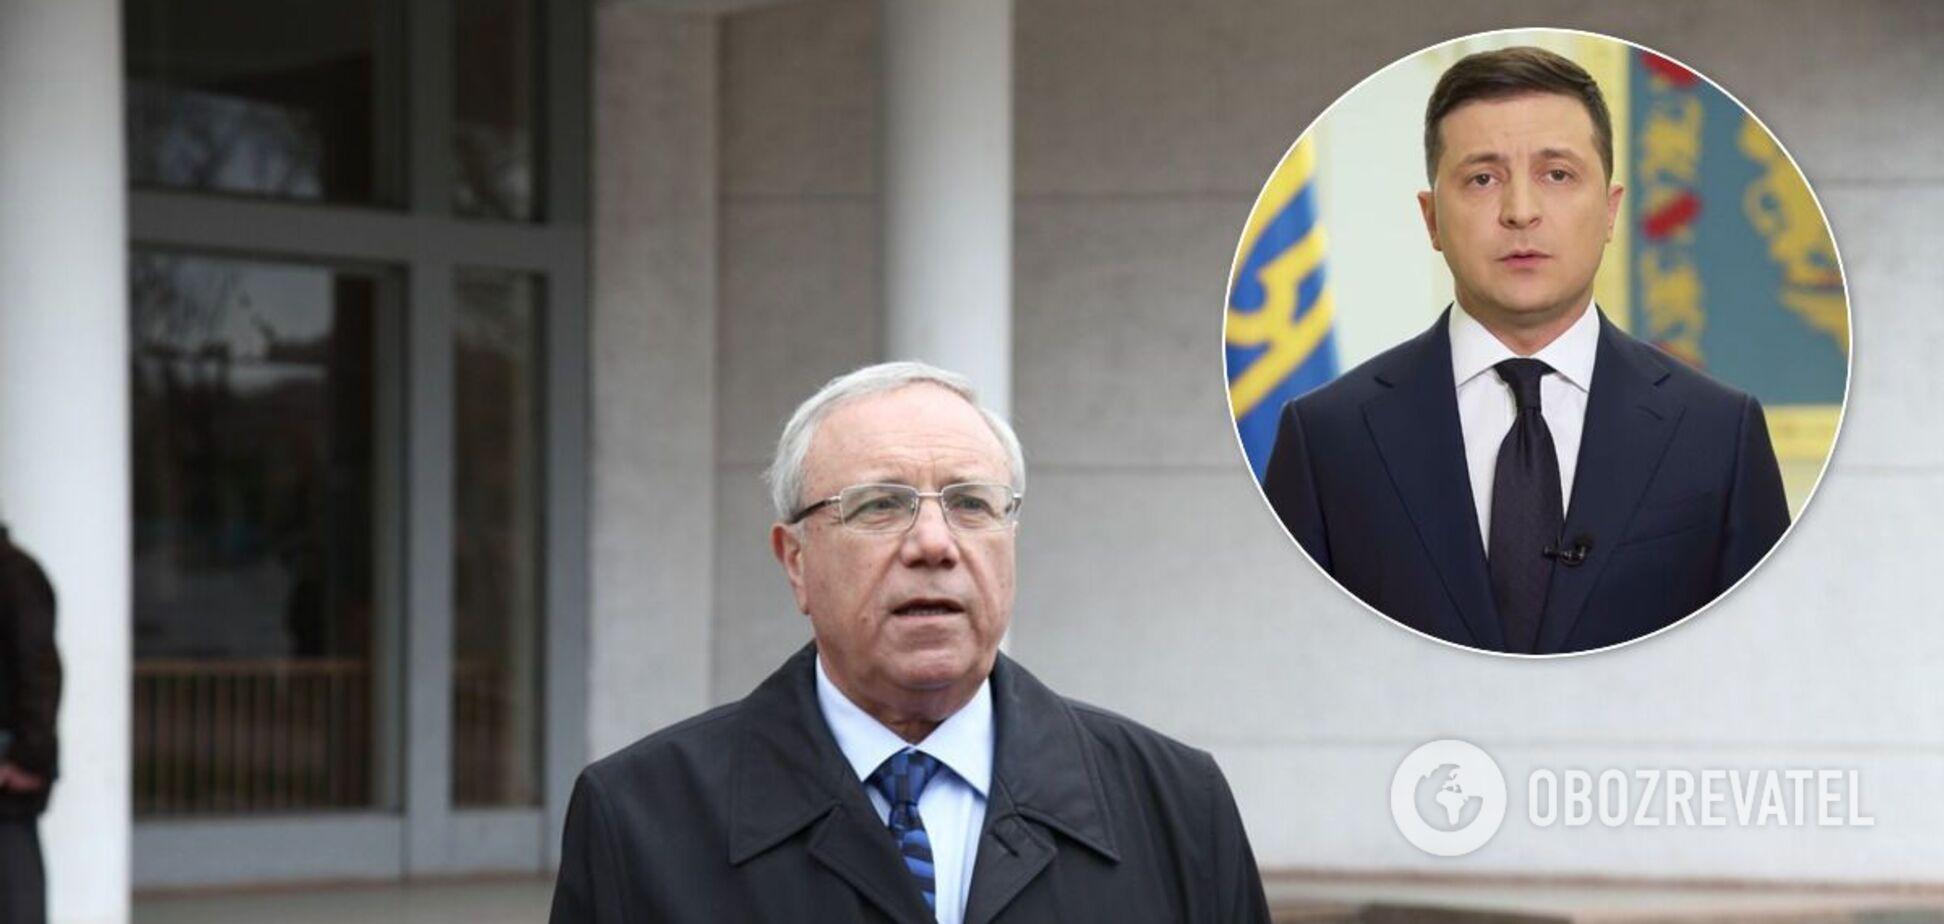 Юрий Вилкул использует любые пути для получения победы на выборах в Кривом Роге, Зеленского призвали вмешаться